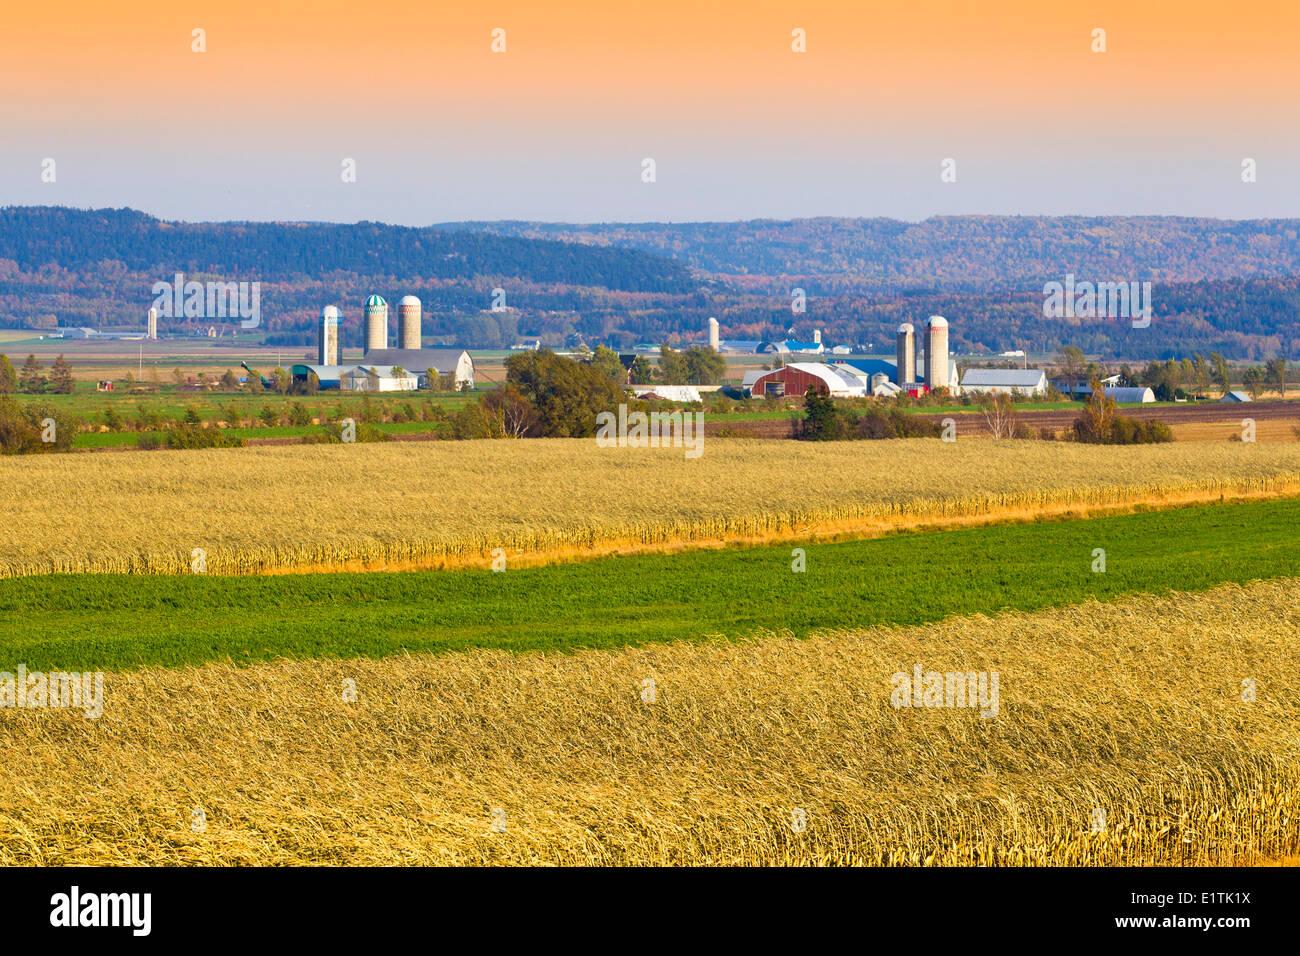 Les champs de maïs et les fermes, Saint-Denis-sur-Richelieu, Québec, Canada Photo Stock